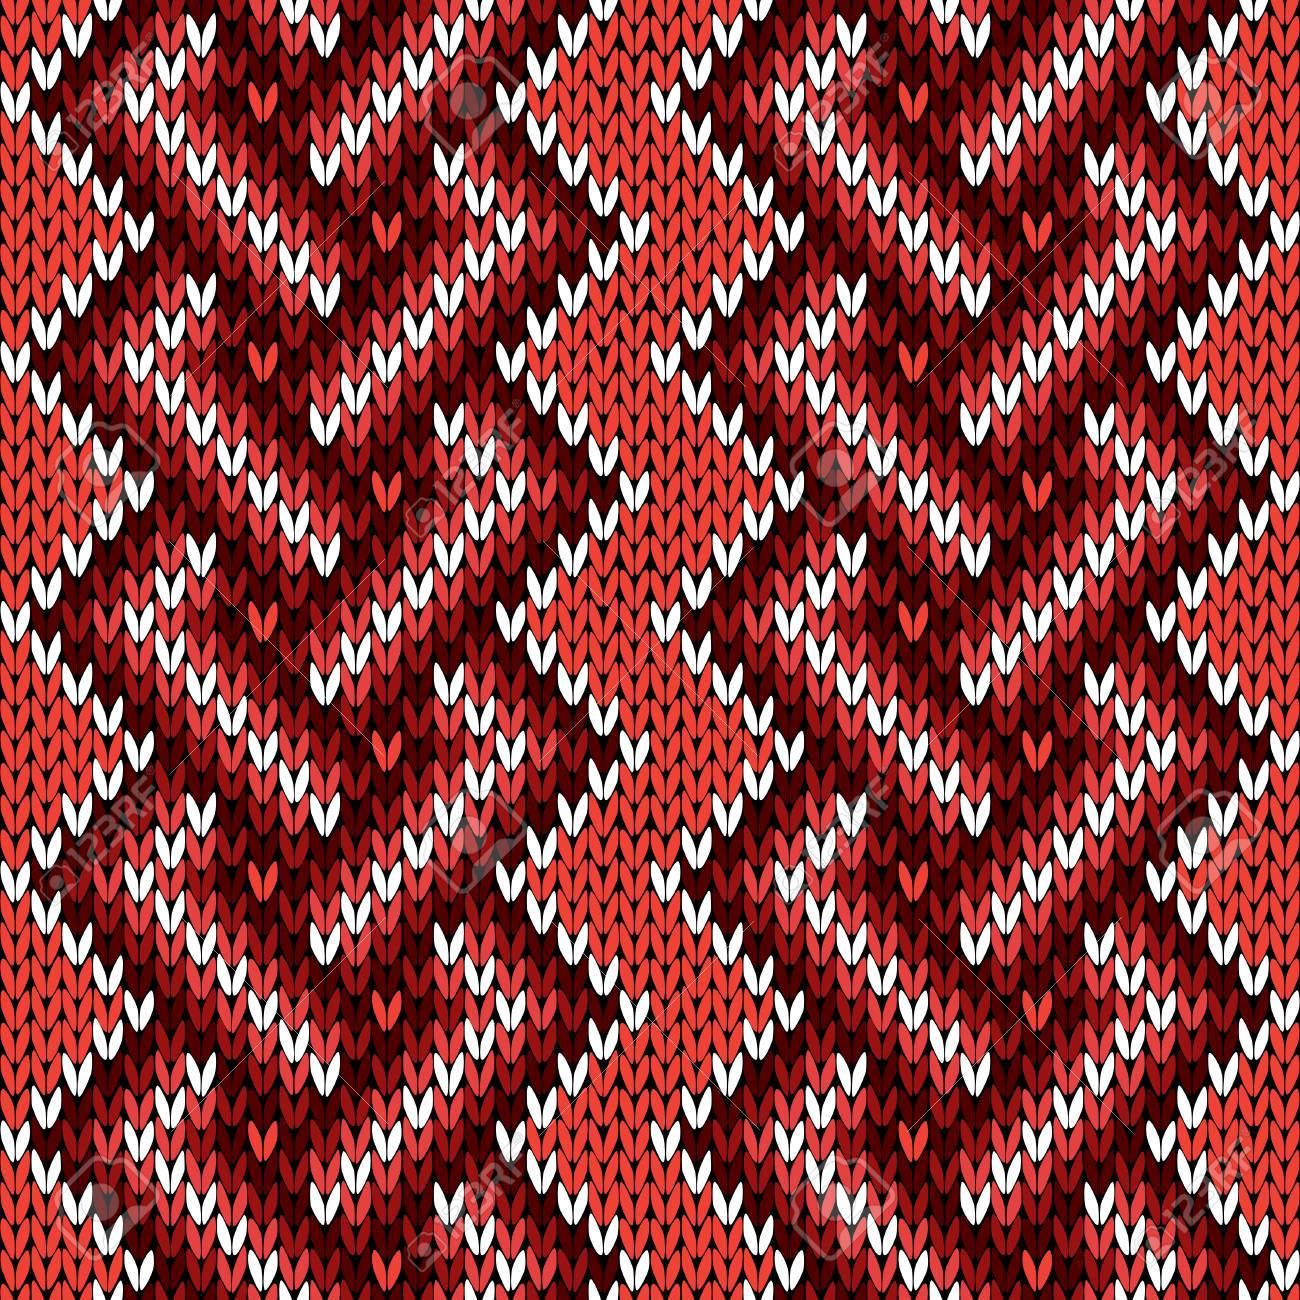 Patrón Geométrico Entretejido Hecho Punto En Colores Rojo, Marrón Y ...